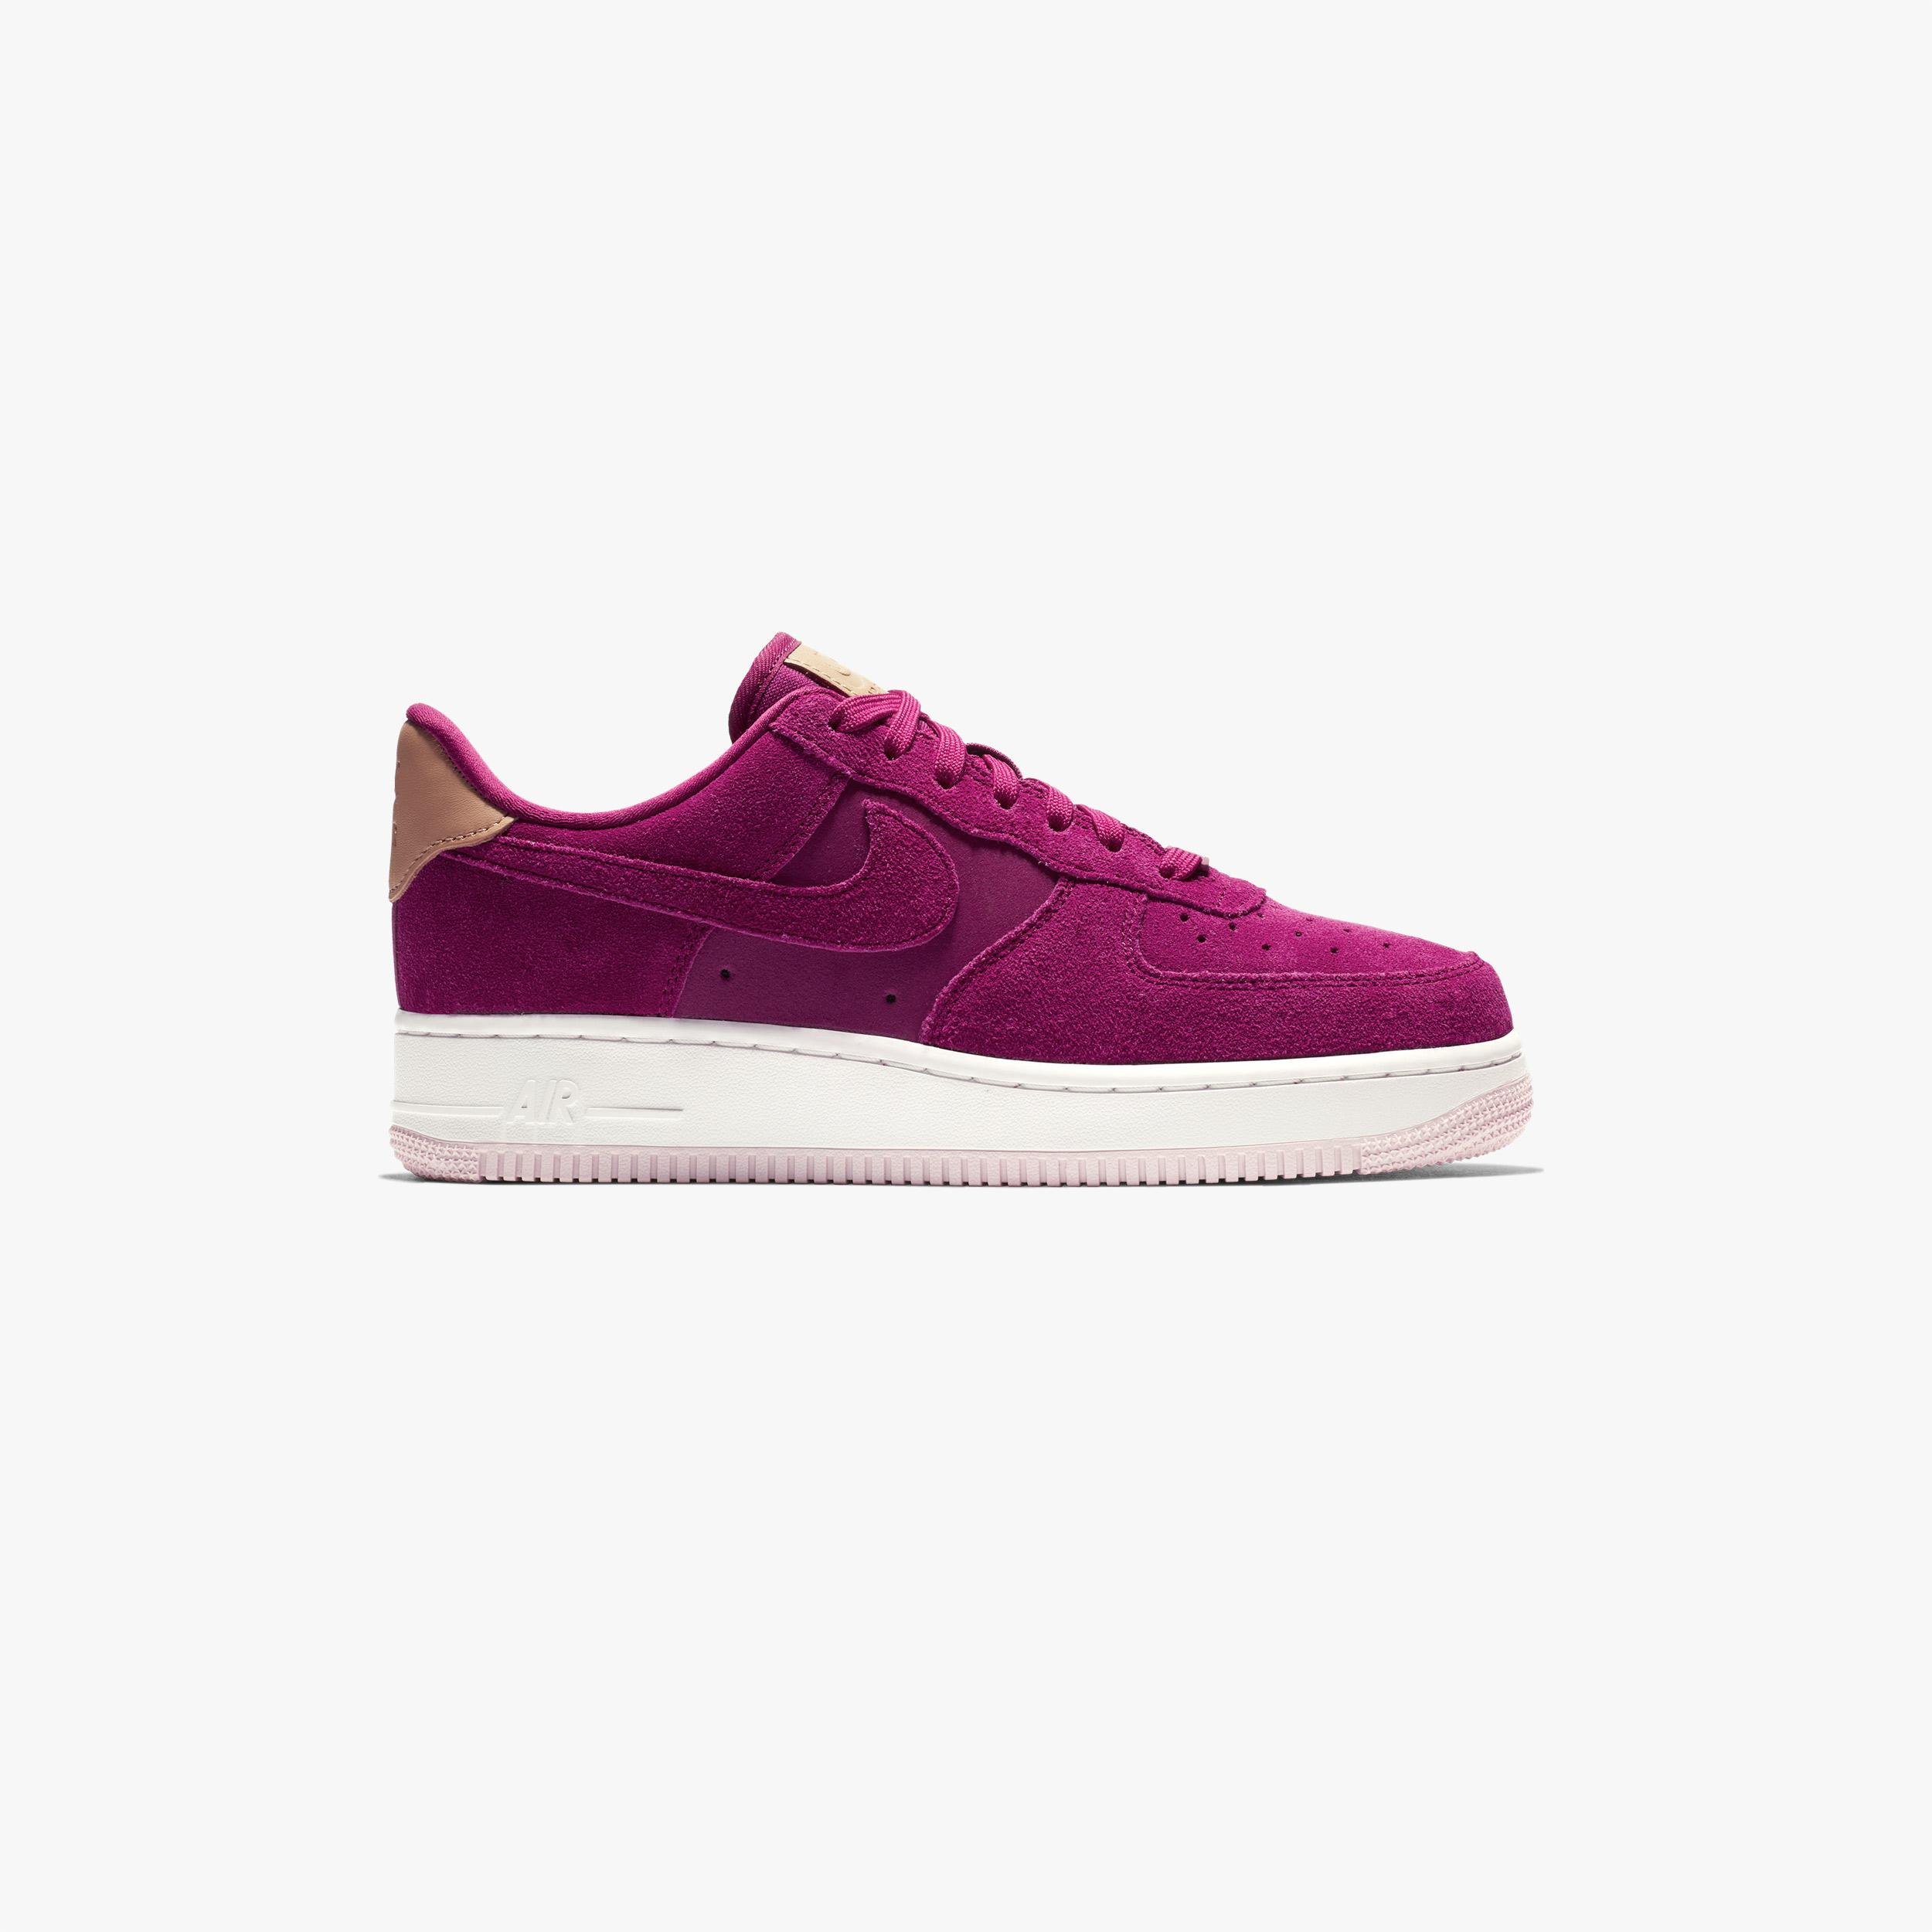 Nike Wmns Air Force 1 07 Premium 896185 602